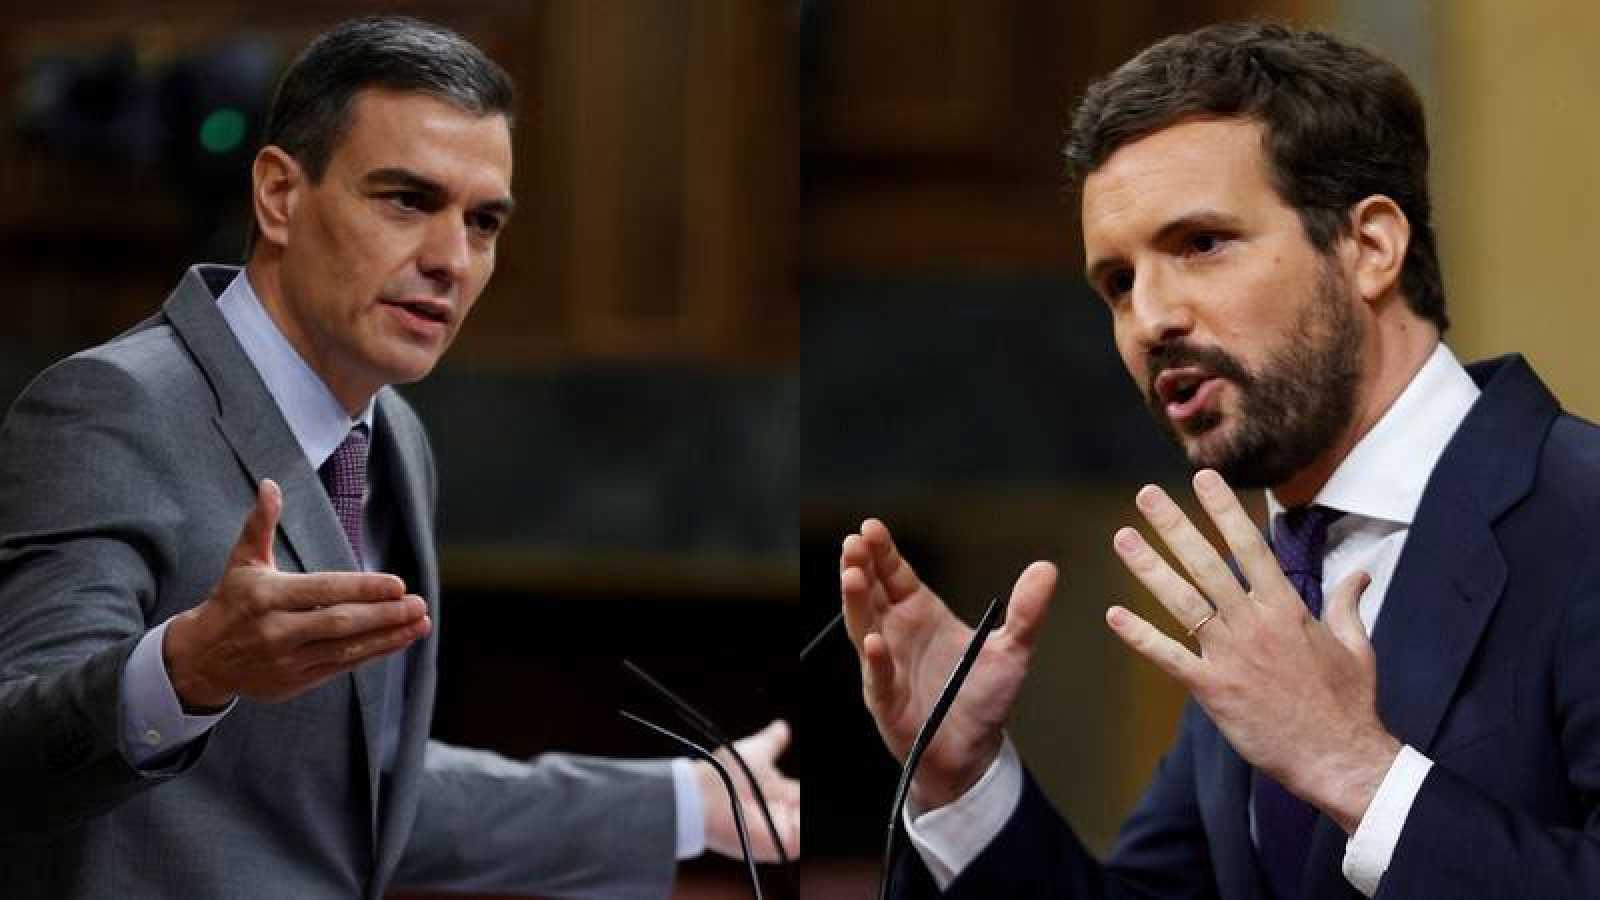 El PP recorta distancias con el PSOE por la caída de Ciudadanos tras la moción de censura fallida en Murcia, según el CIS